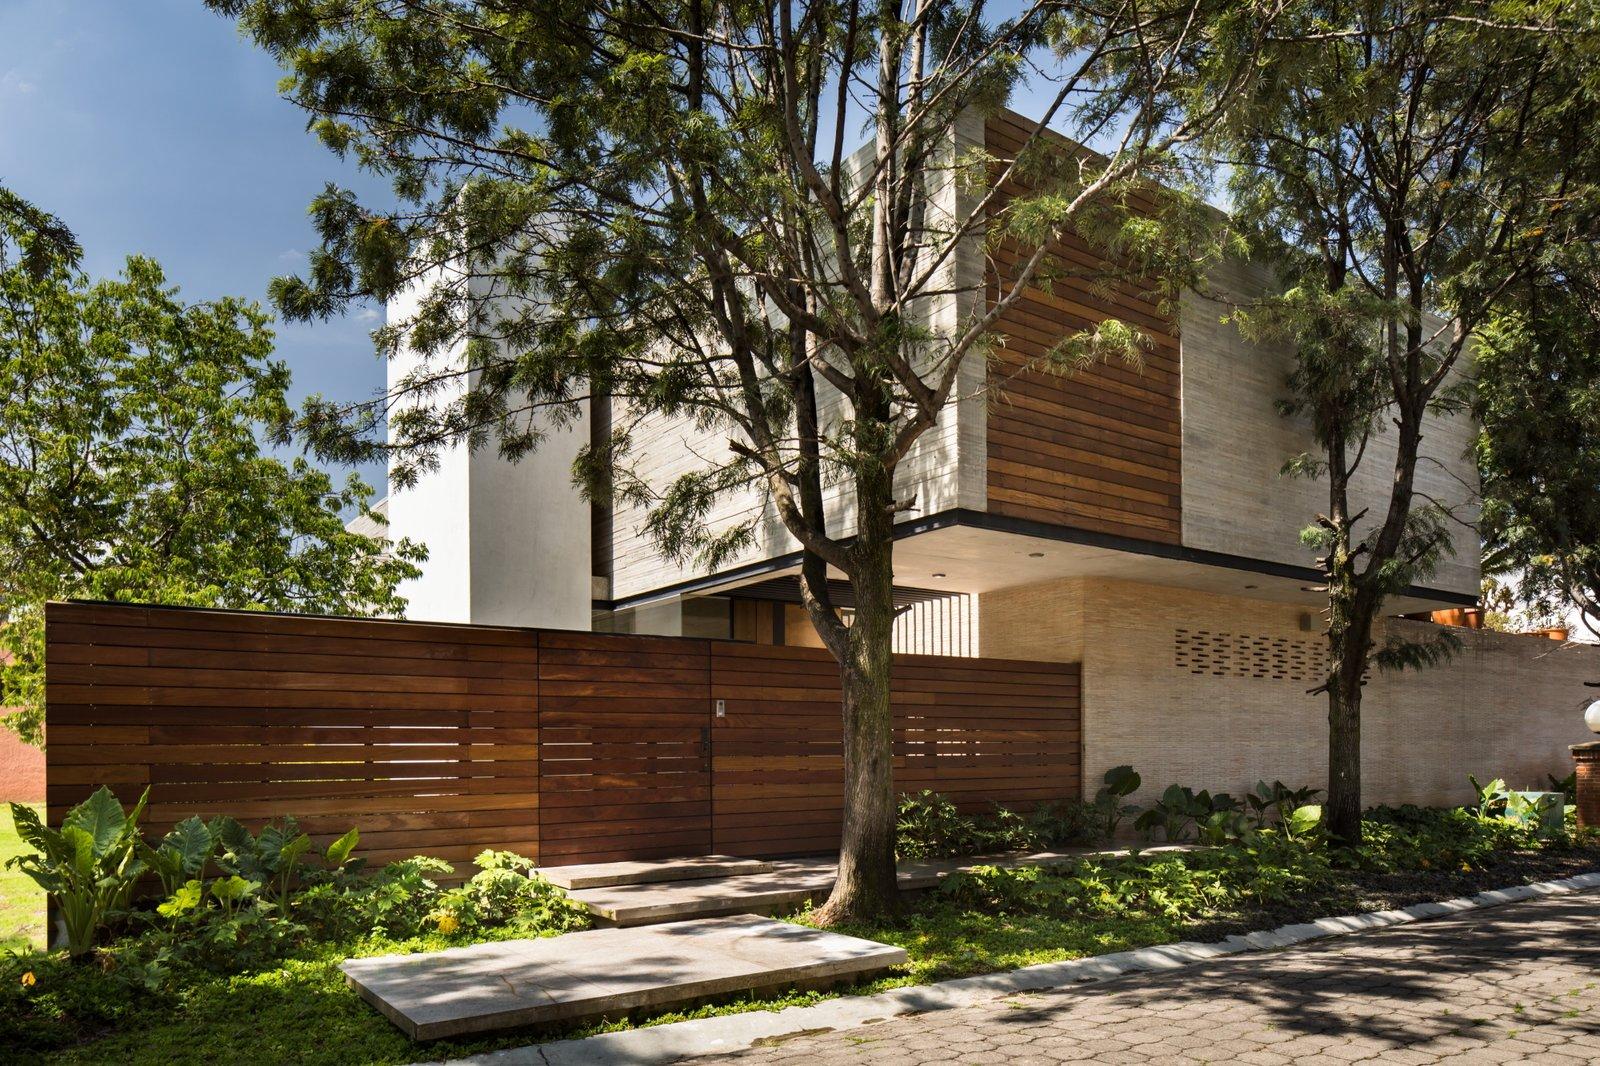 Casa puebla modern home in heroica puebla de zaragoza for Casa mansion puebla